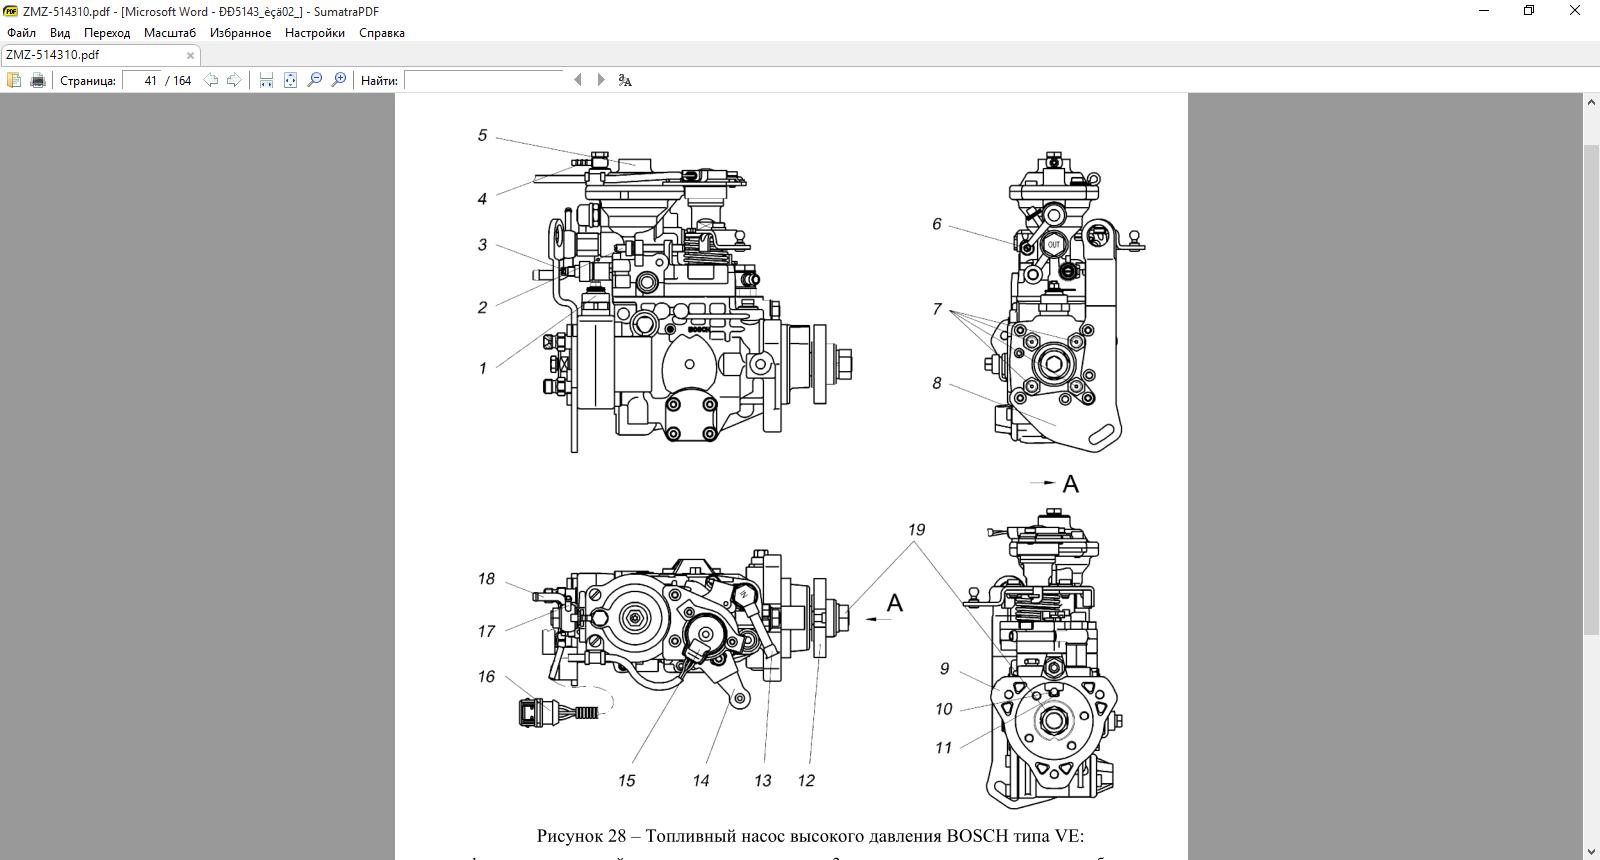 Ремонт и регулировка насоса ТНВД Bosch VP44 своими руками, номер 059 130